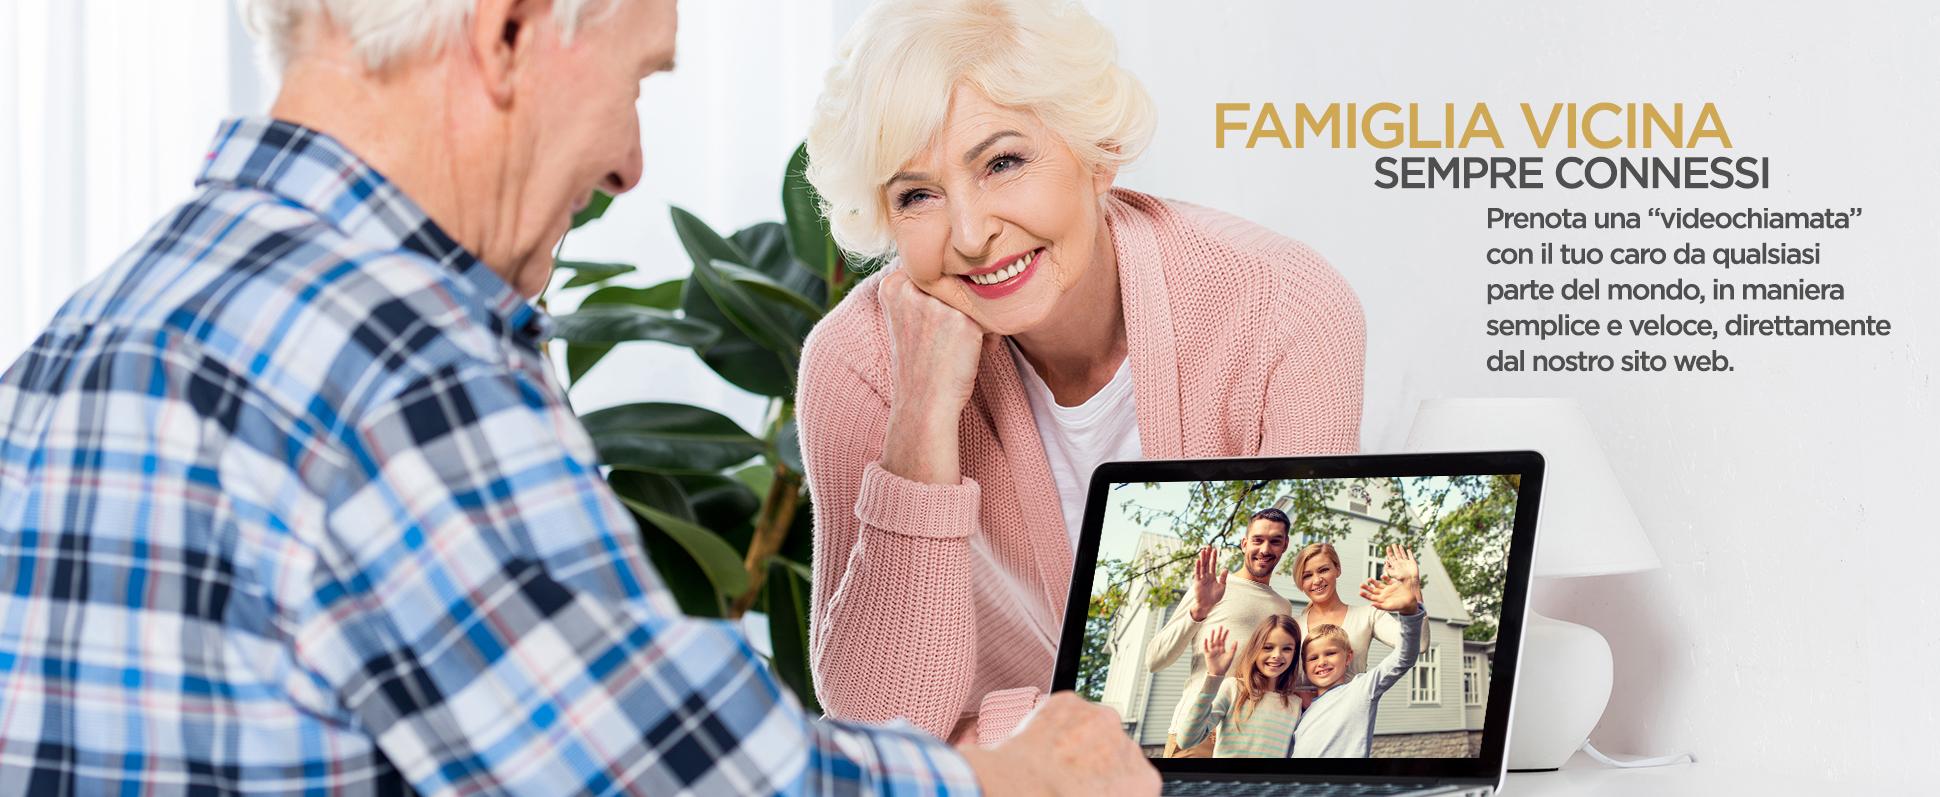 Famiglia vicina- Video Call con i tuoi cari